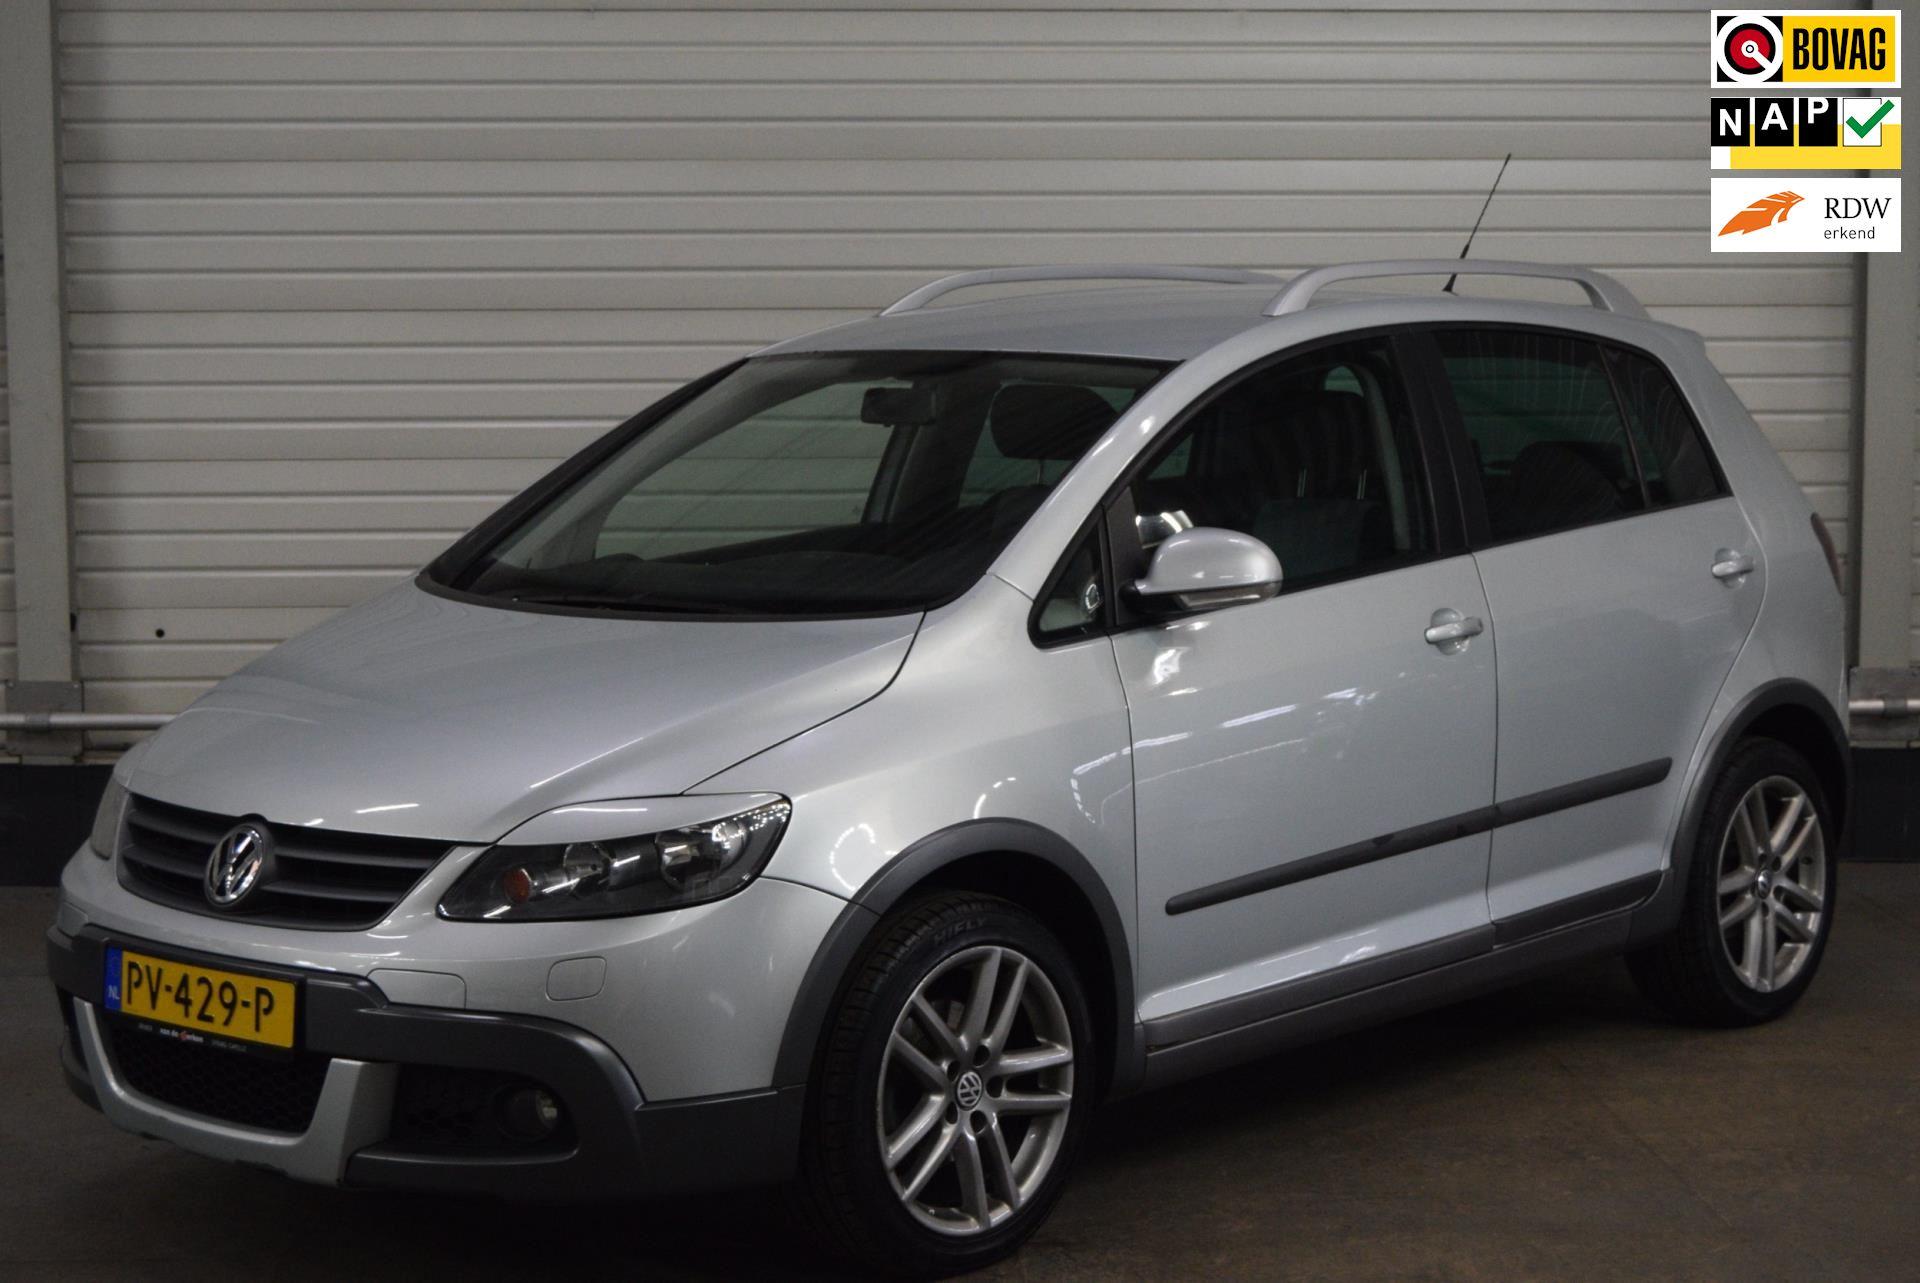 Volkswagen Golf Plus occasion - Autobedrijf van de Werken bv